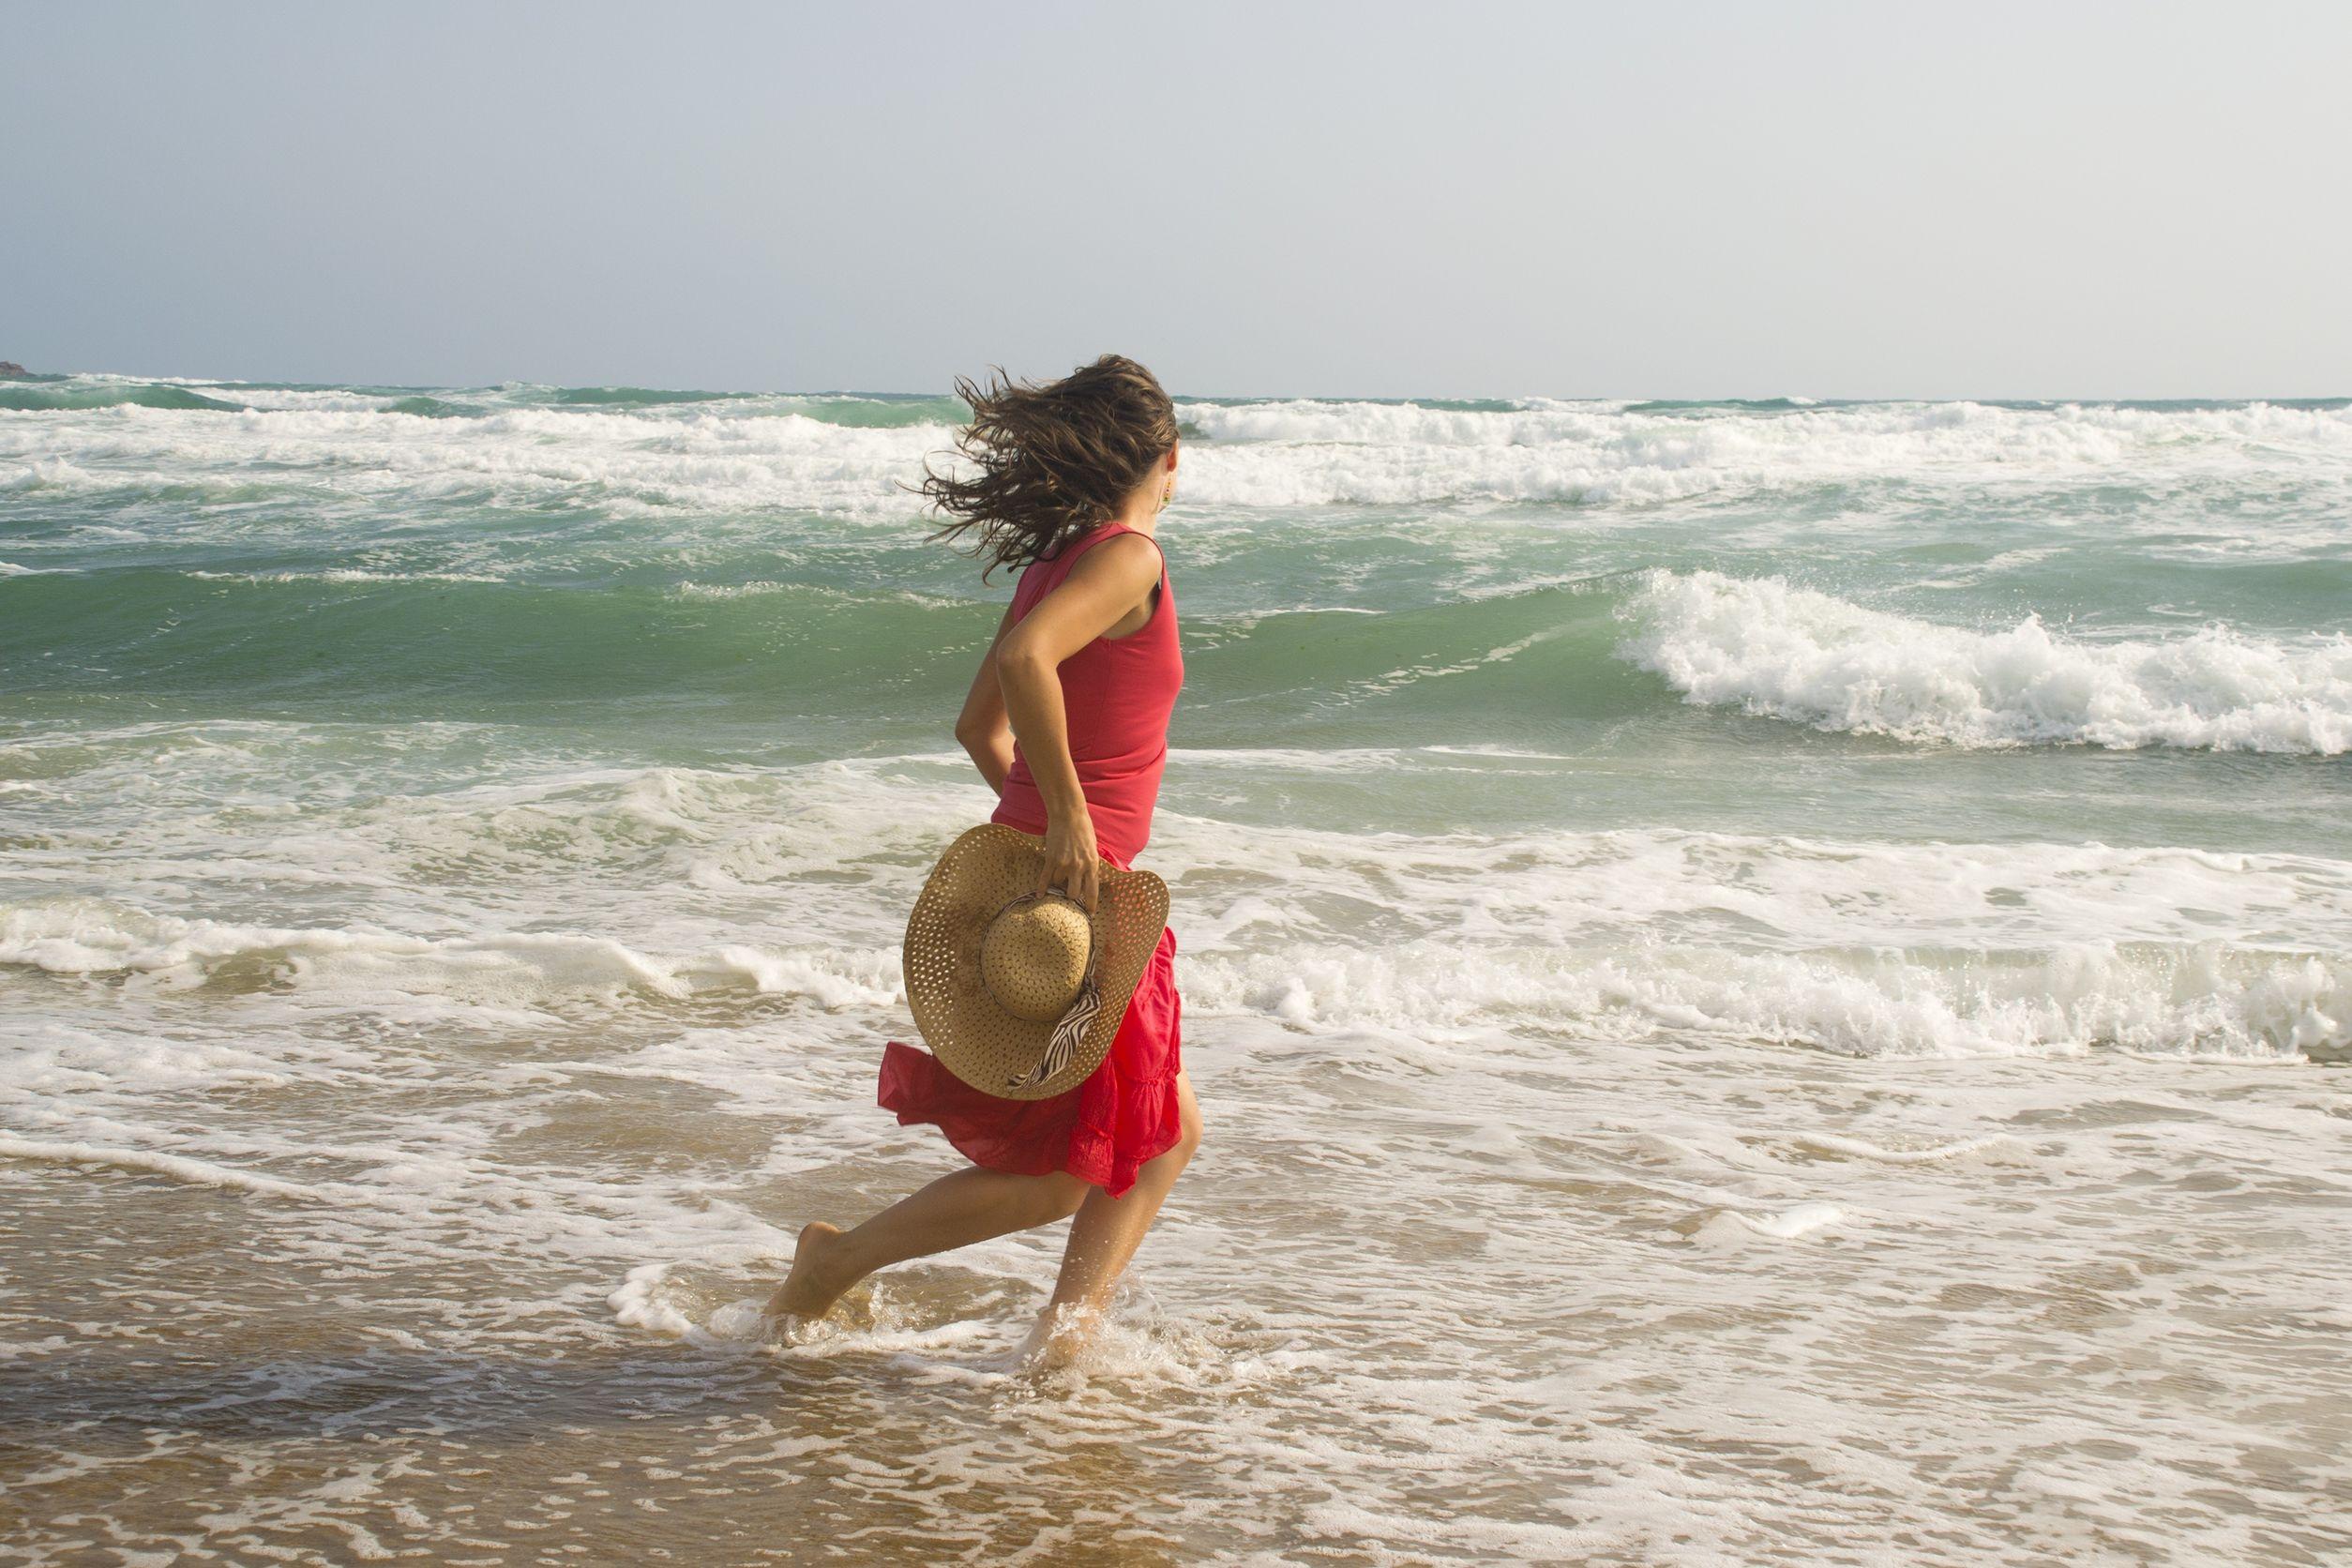 Mulher correndo na beira do mar. Ela usa um vestido vermelho e segura um chapéu de palha na mão.